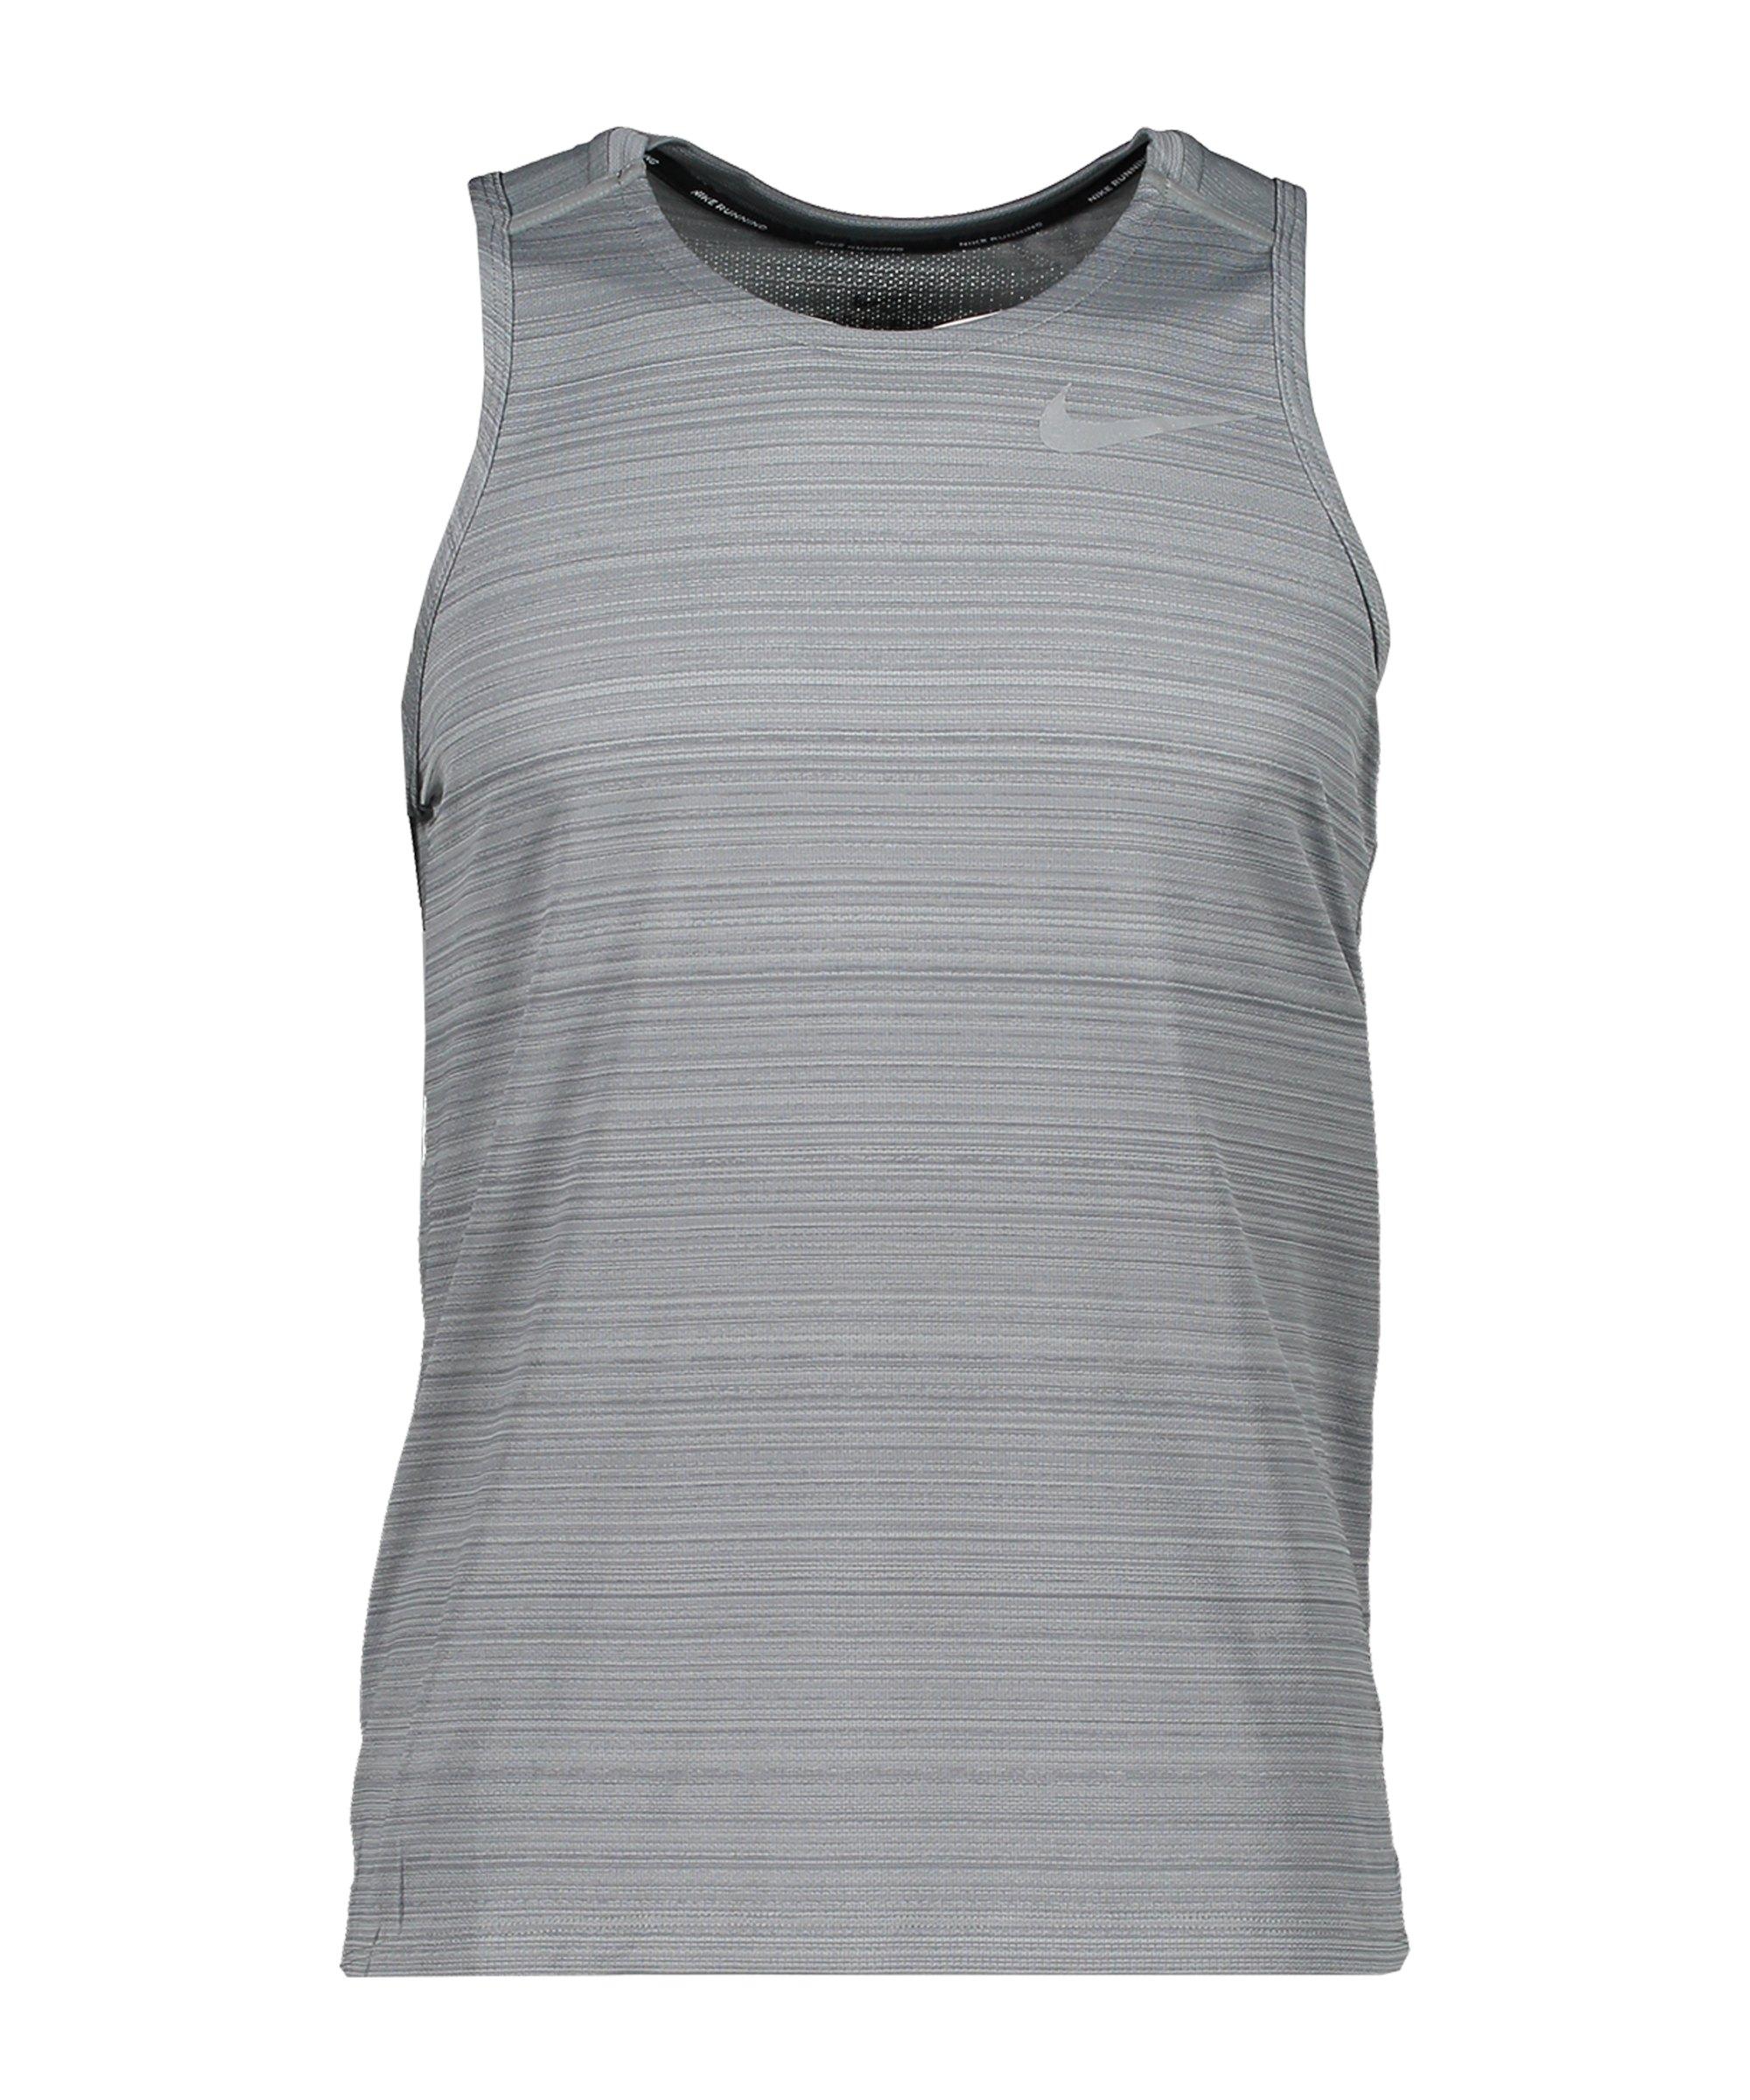 Nike Dri-FIT Miler Tanktop Running Grau F084 - grau